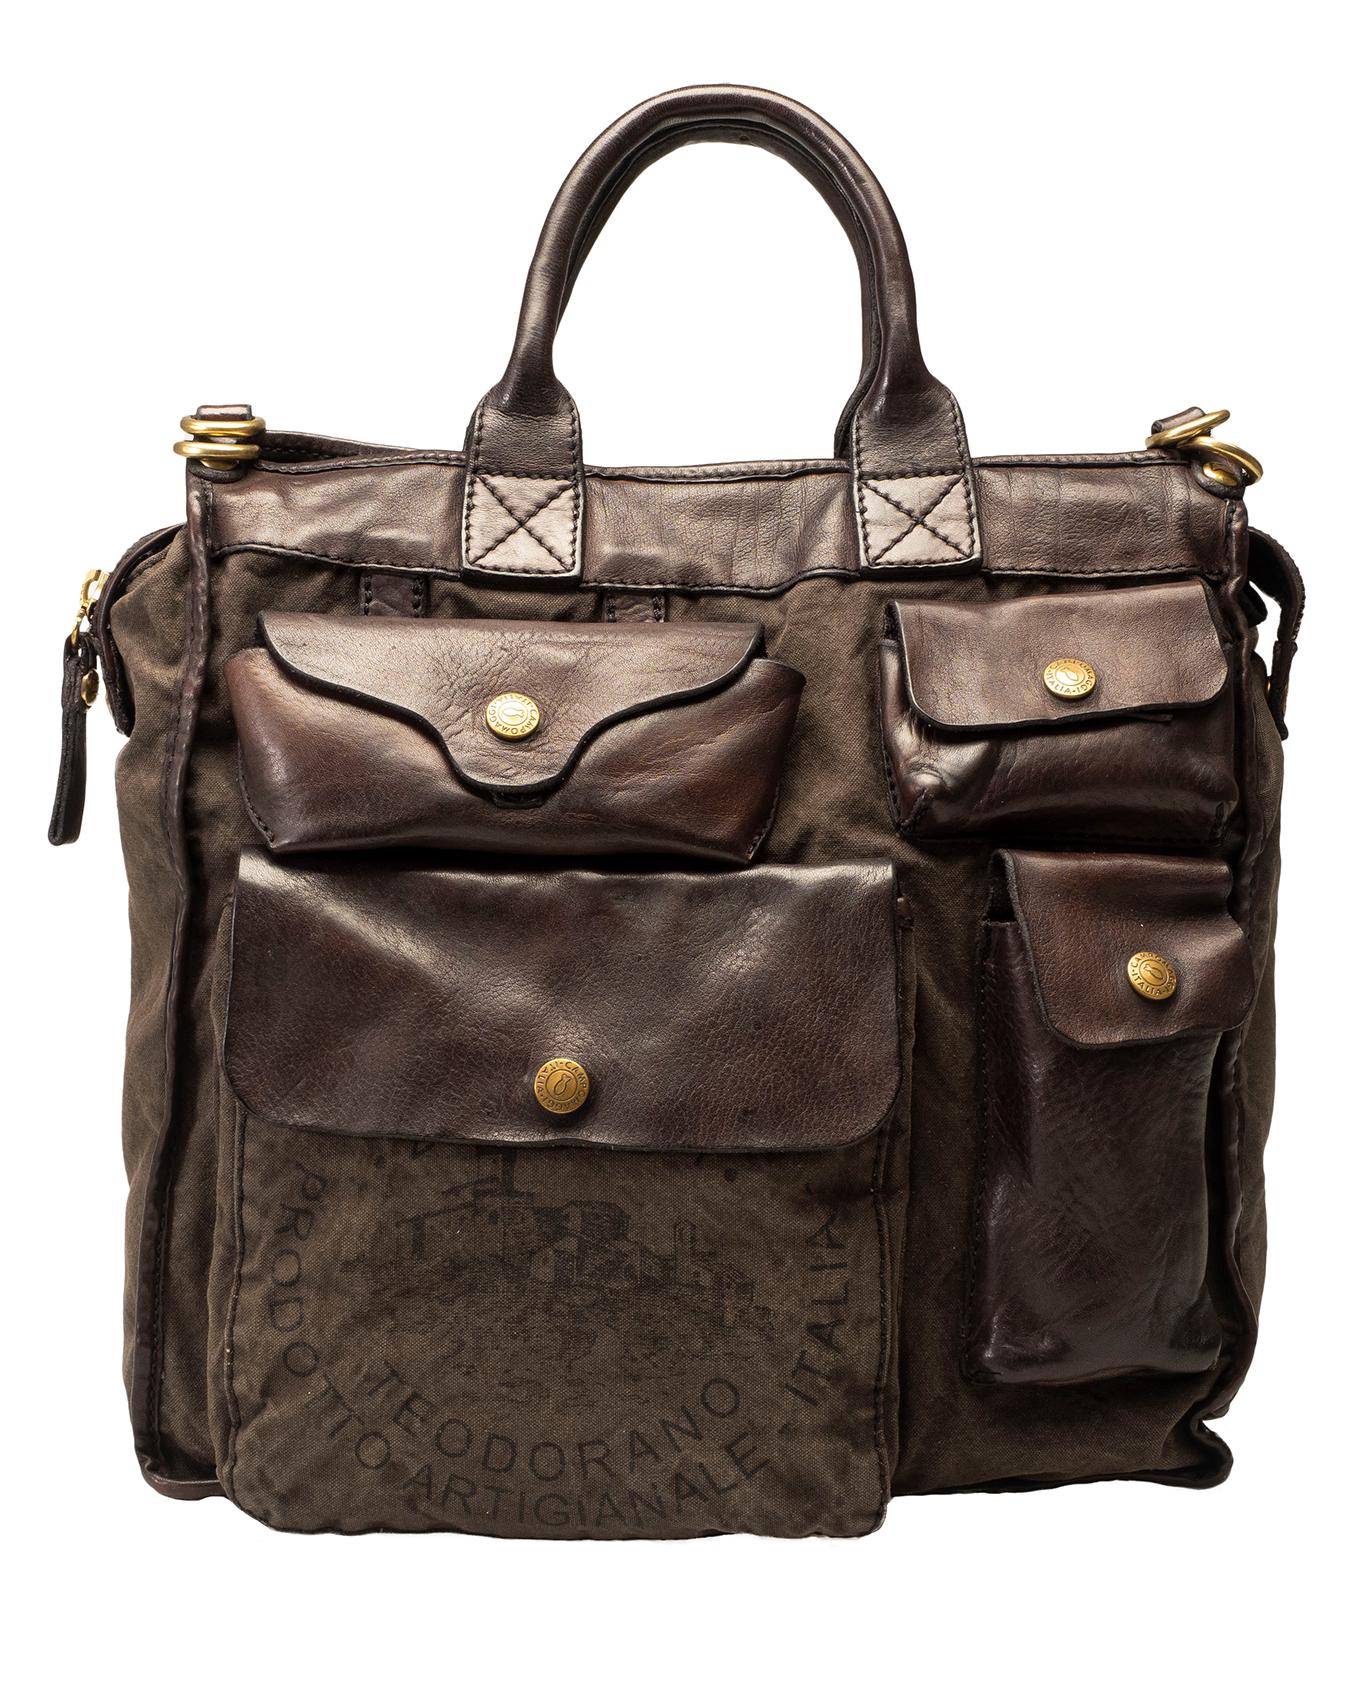 weltweit verkauft Professionel vollständig in den Spezifikationen Bag CARTELLA CANVAS F0502